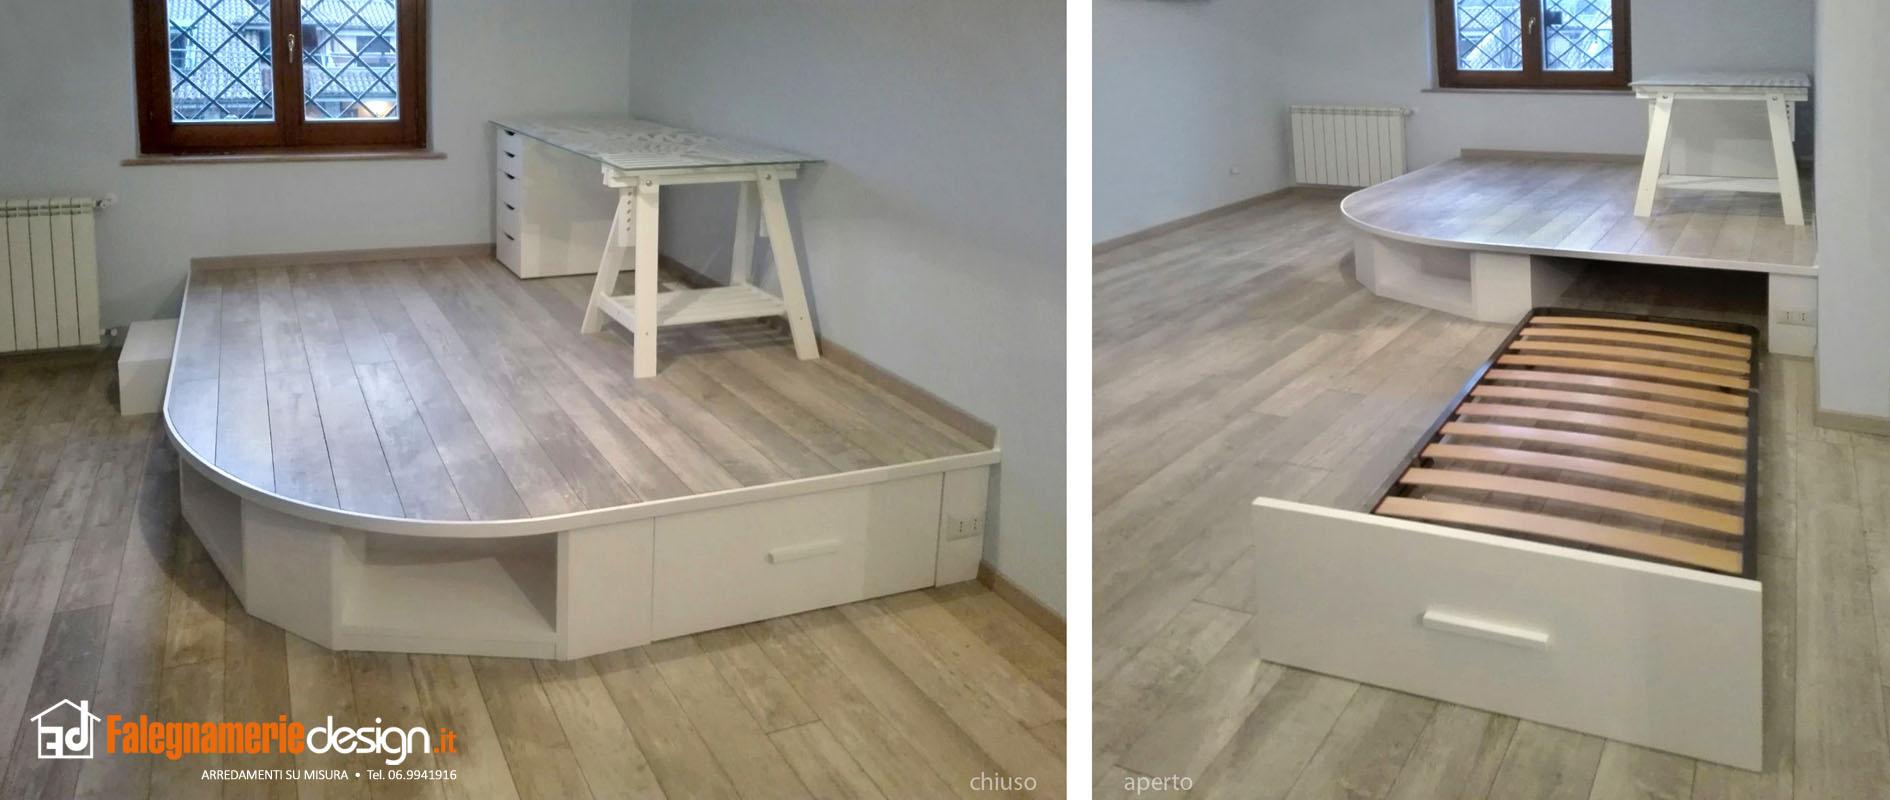 Letti a scomparsa roma tutto su misura in vero legno - Mobili con letti a scomparsa ...